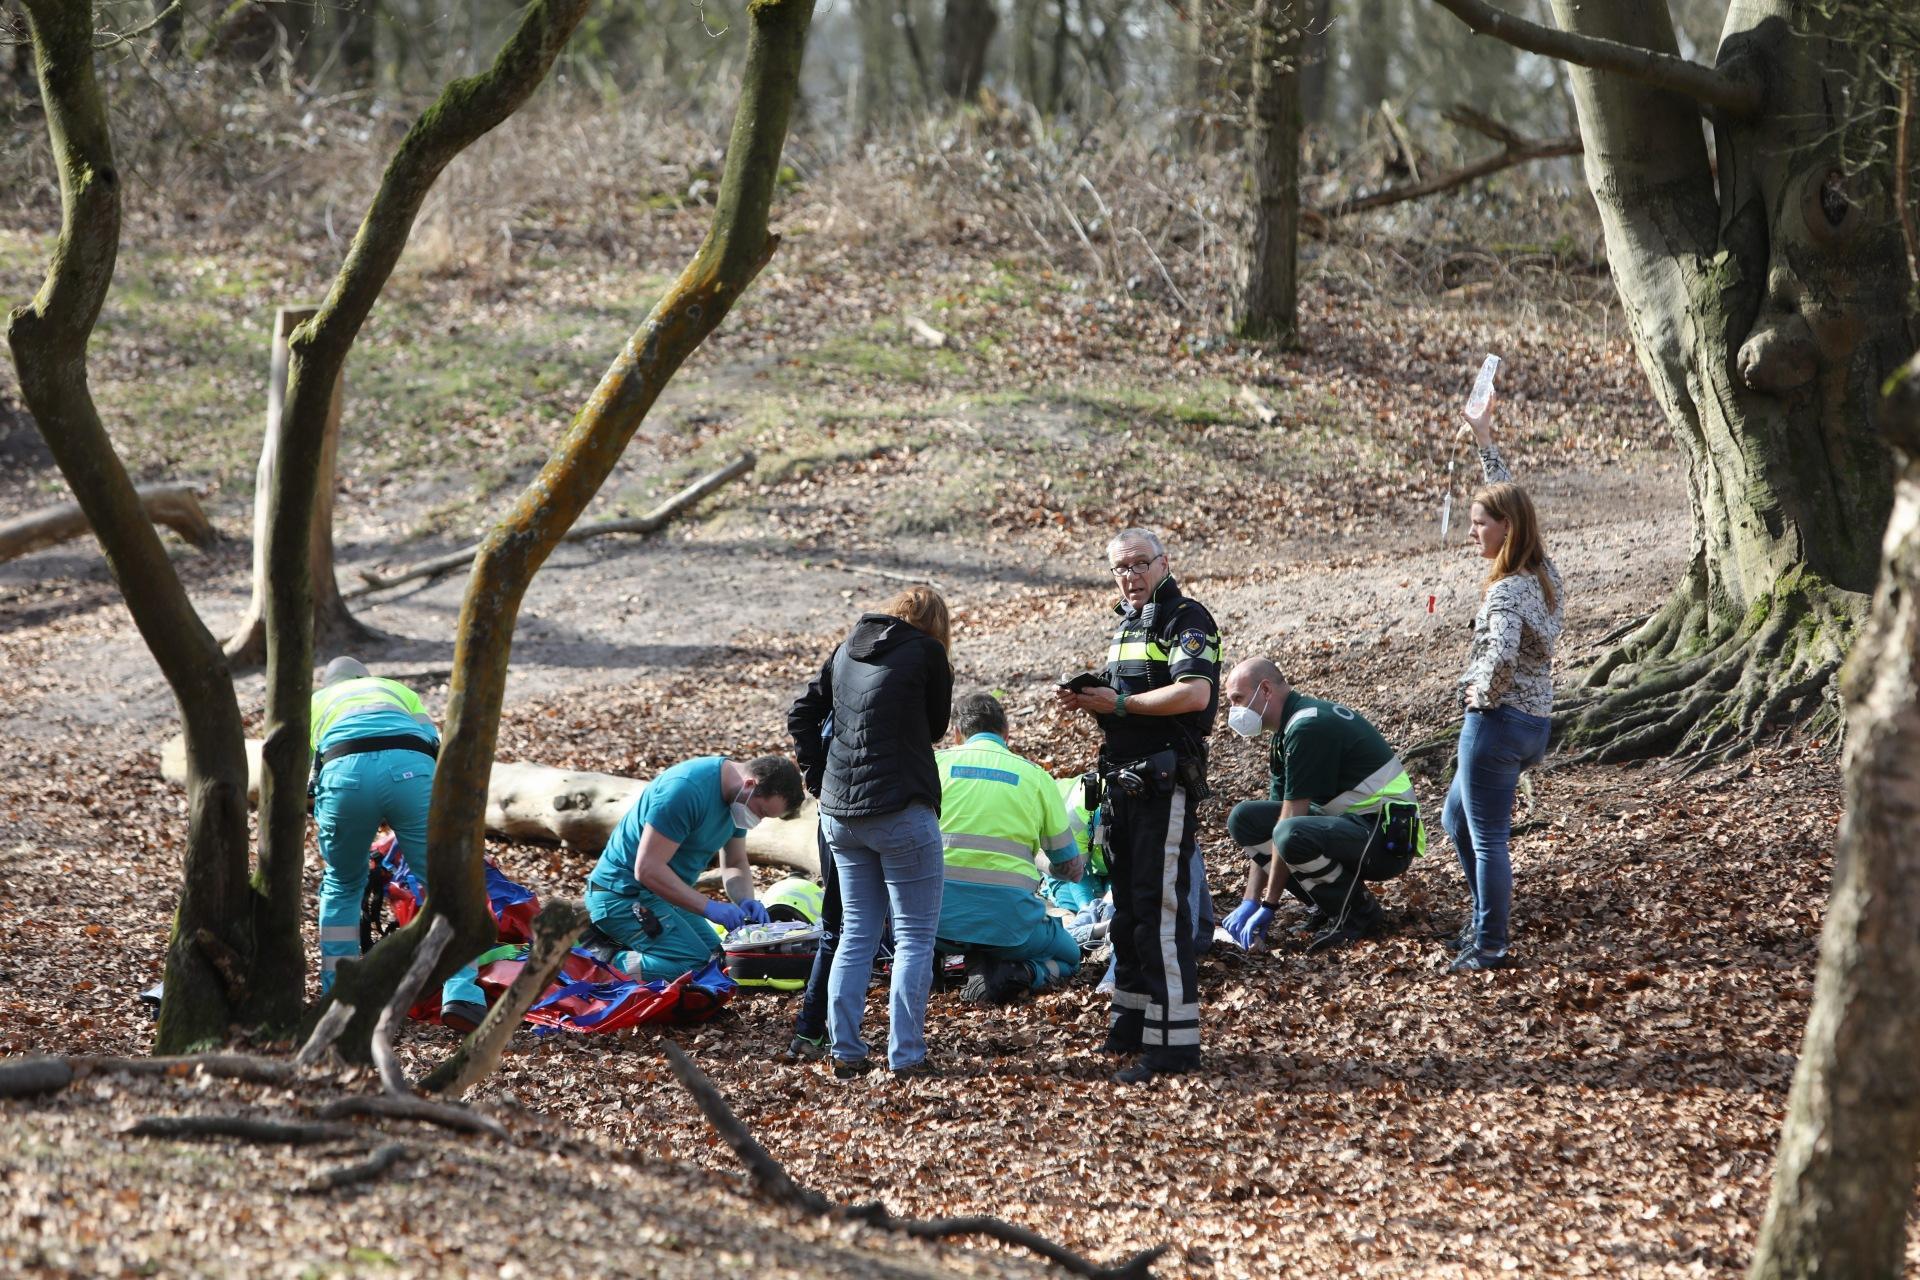 Meisje met spoed naar ziekenhuis na val uit boom in Laren